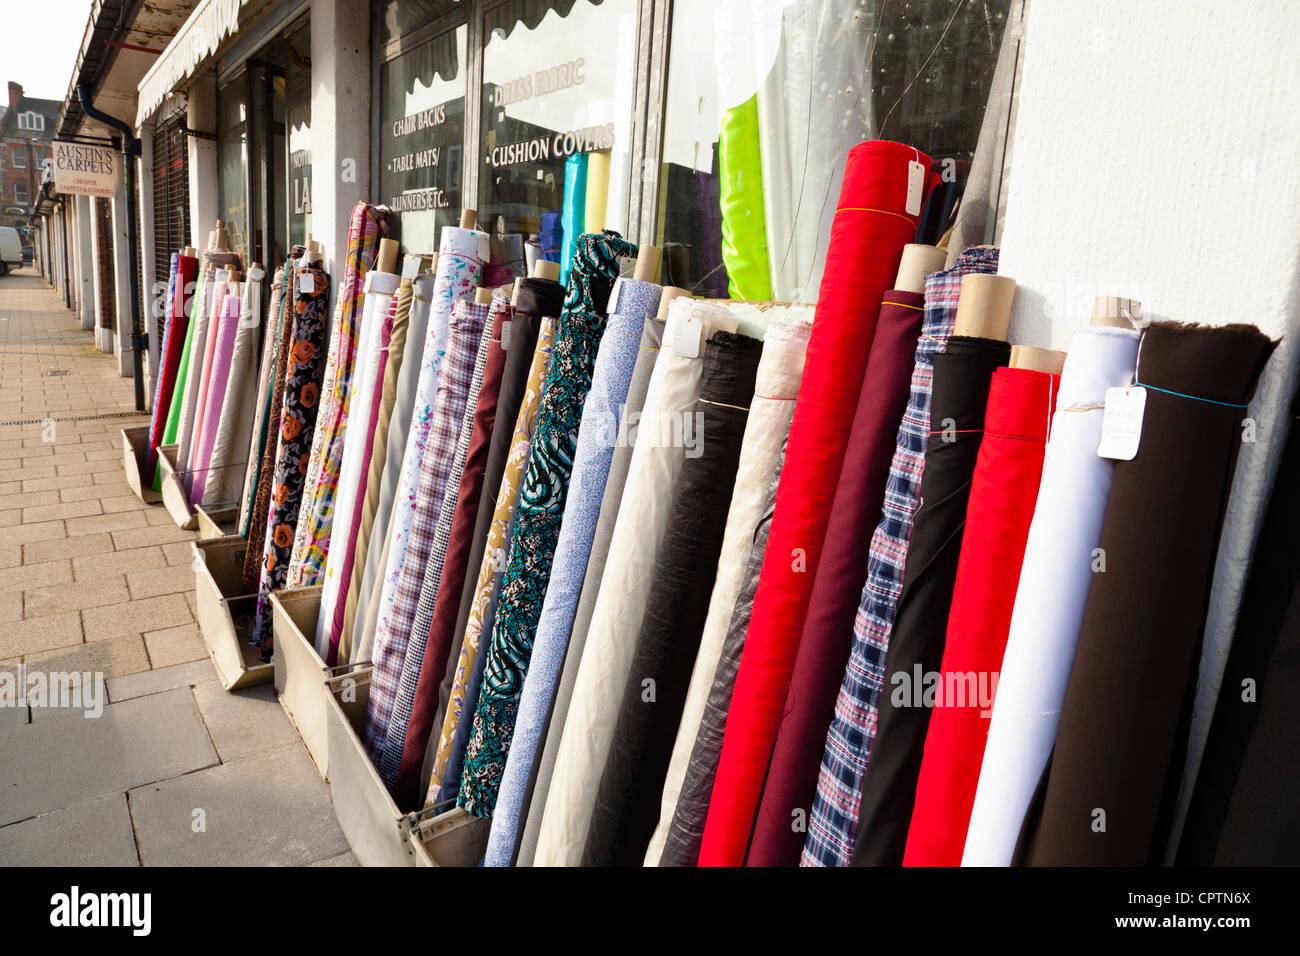 Merceria shop con rotoli di materiale e tessuto esterno, Mercato Sneinton, Nottingham, Inghilterra, Regno Unito Immagini Stock